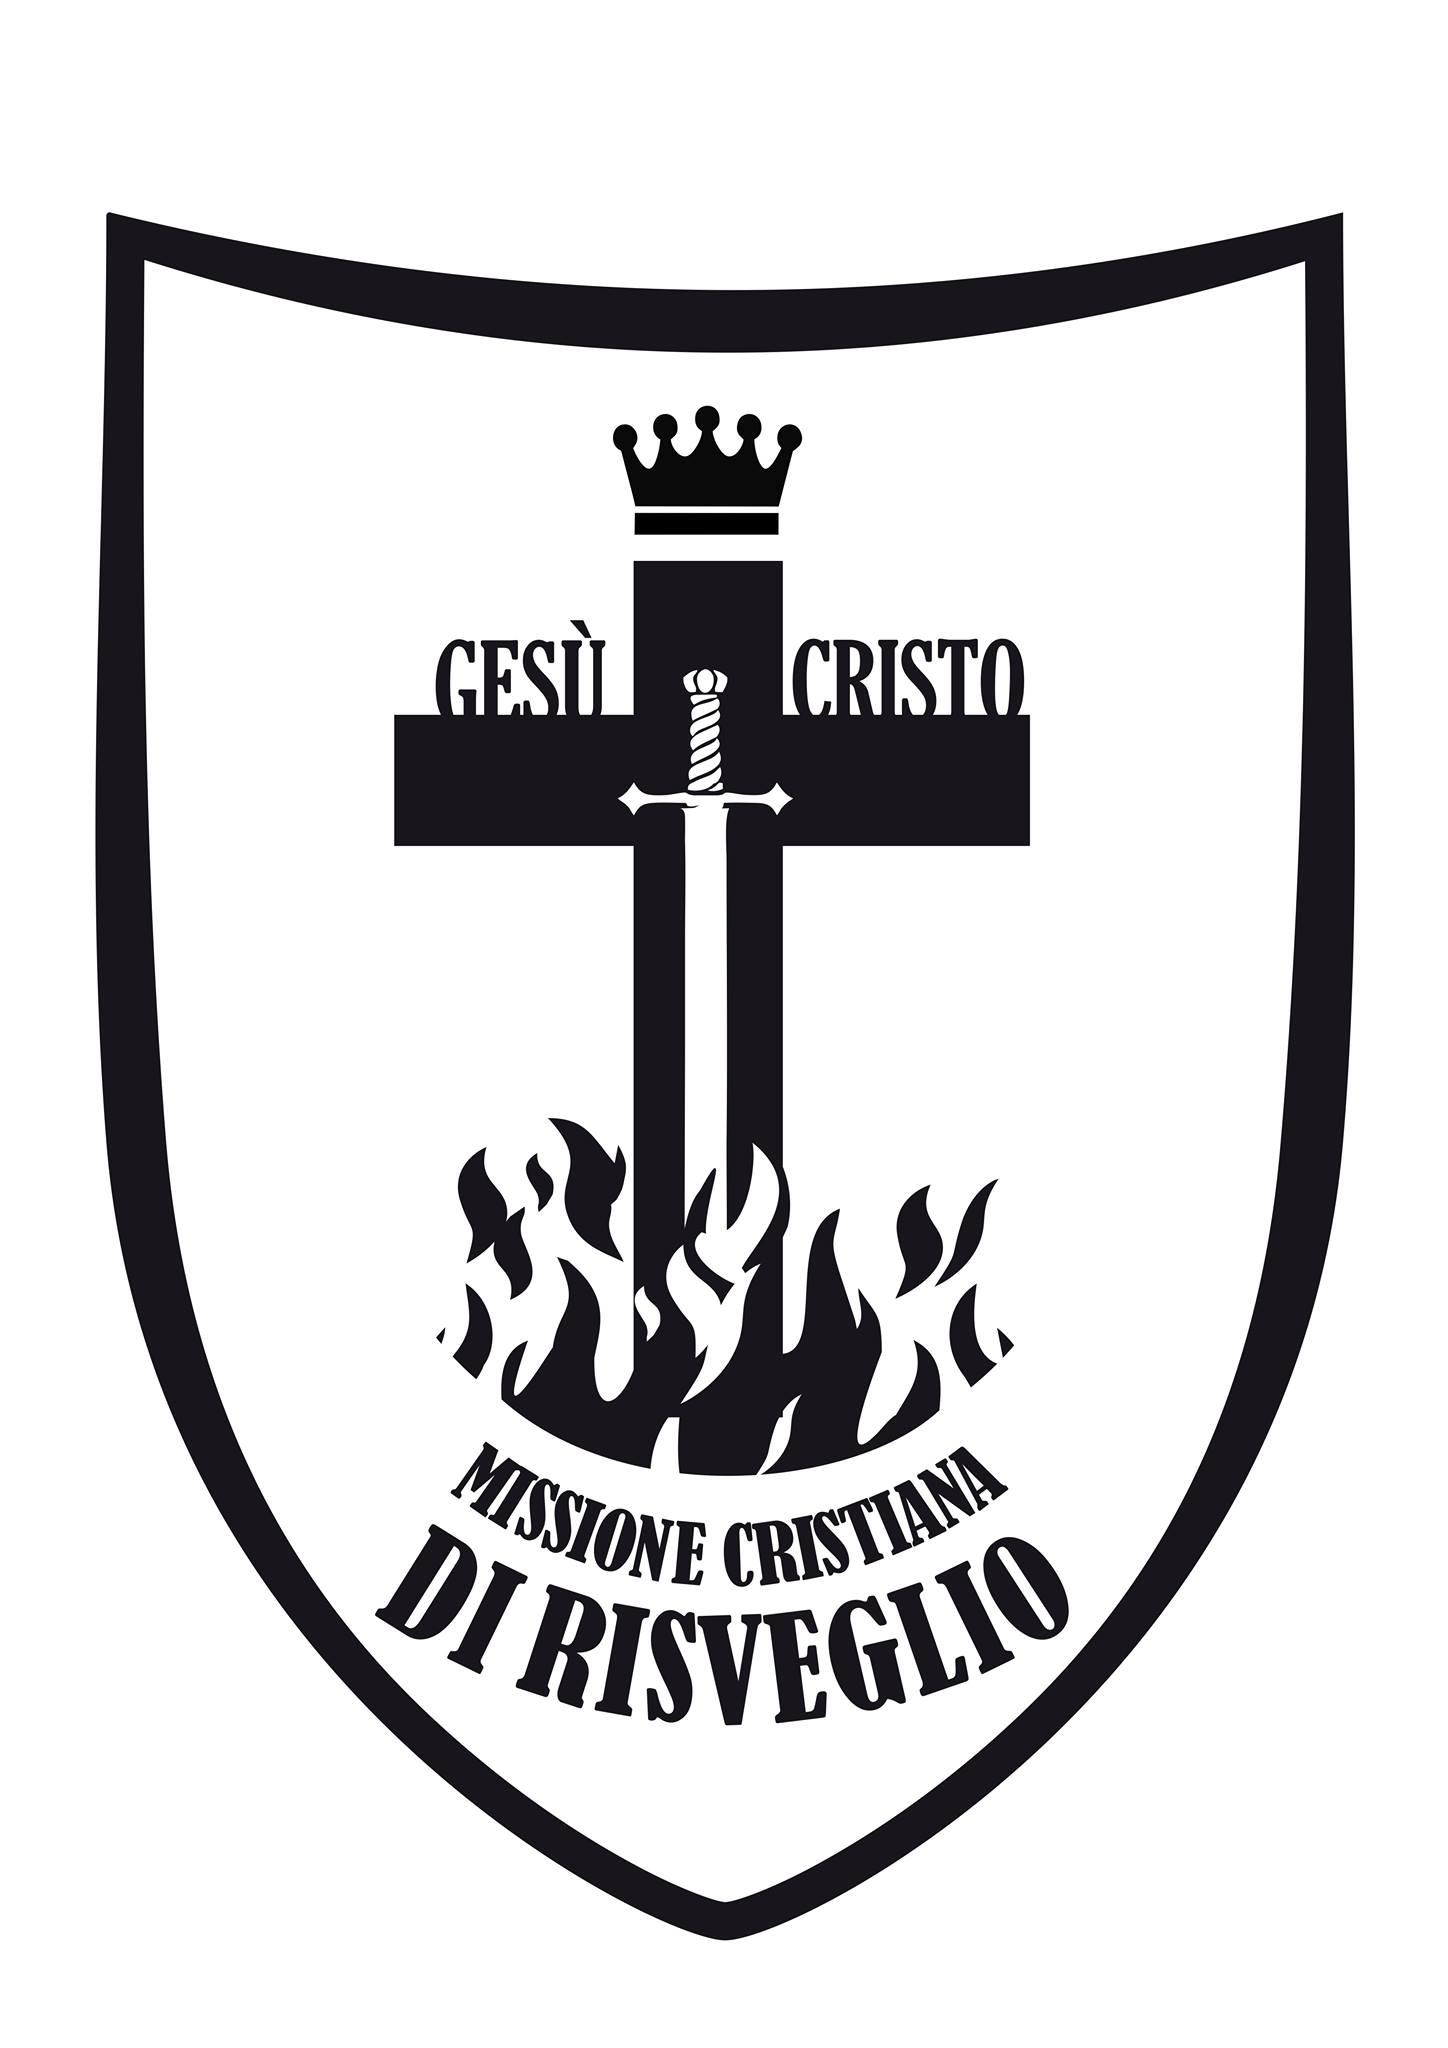 Missione Cristiana di Risveglio